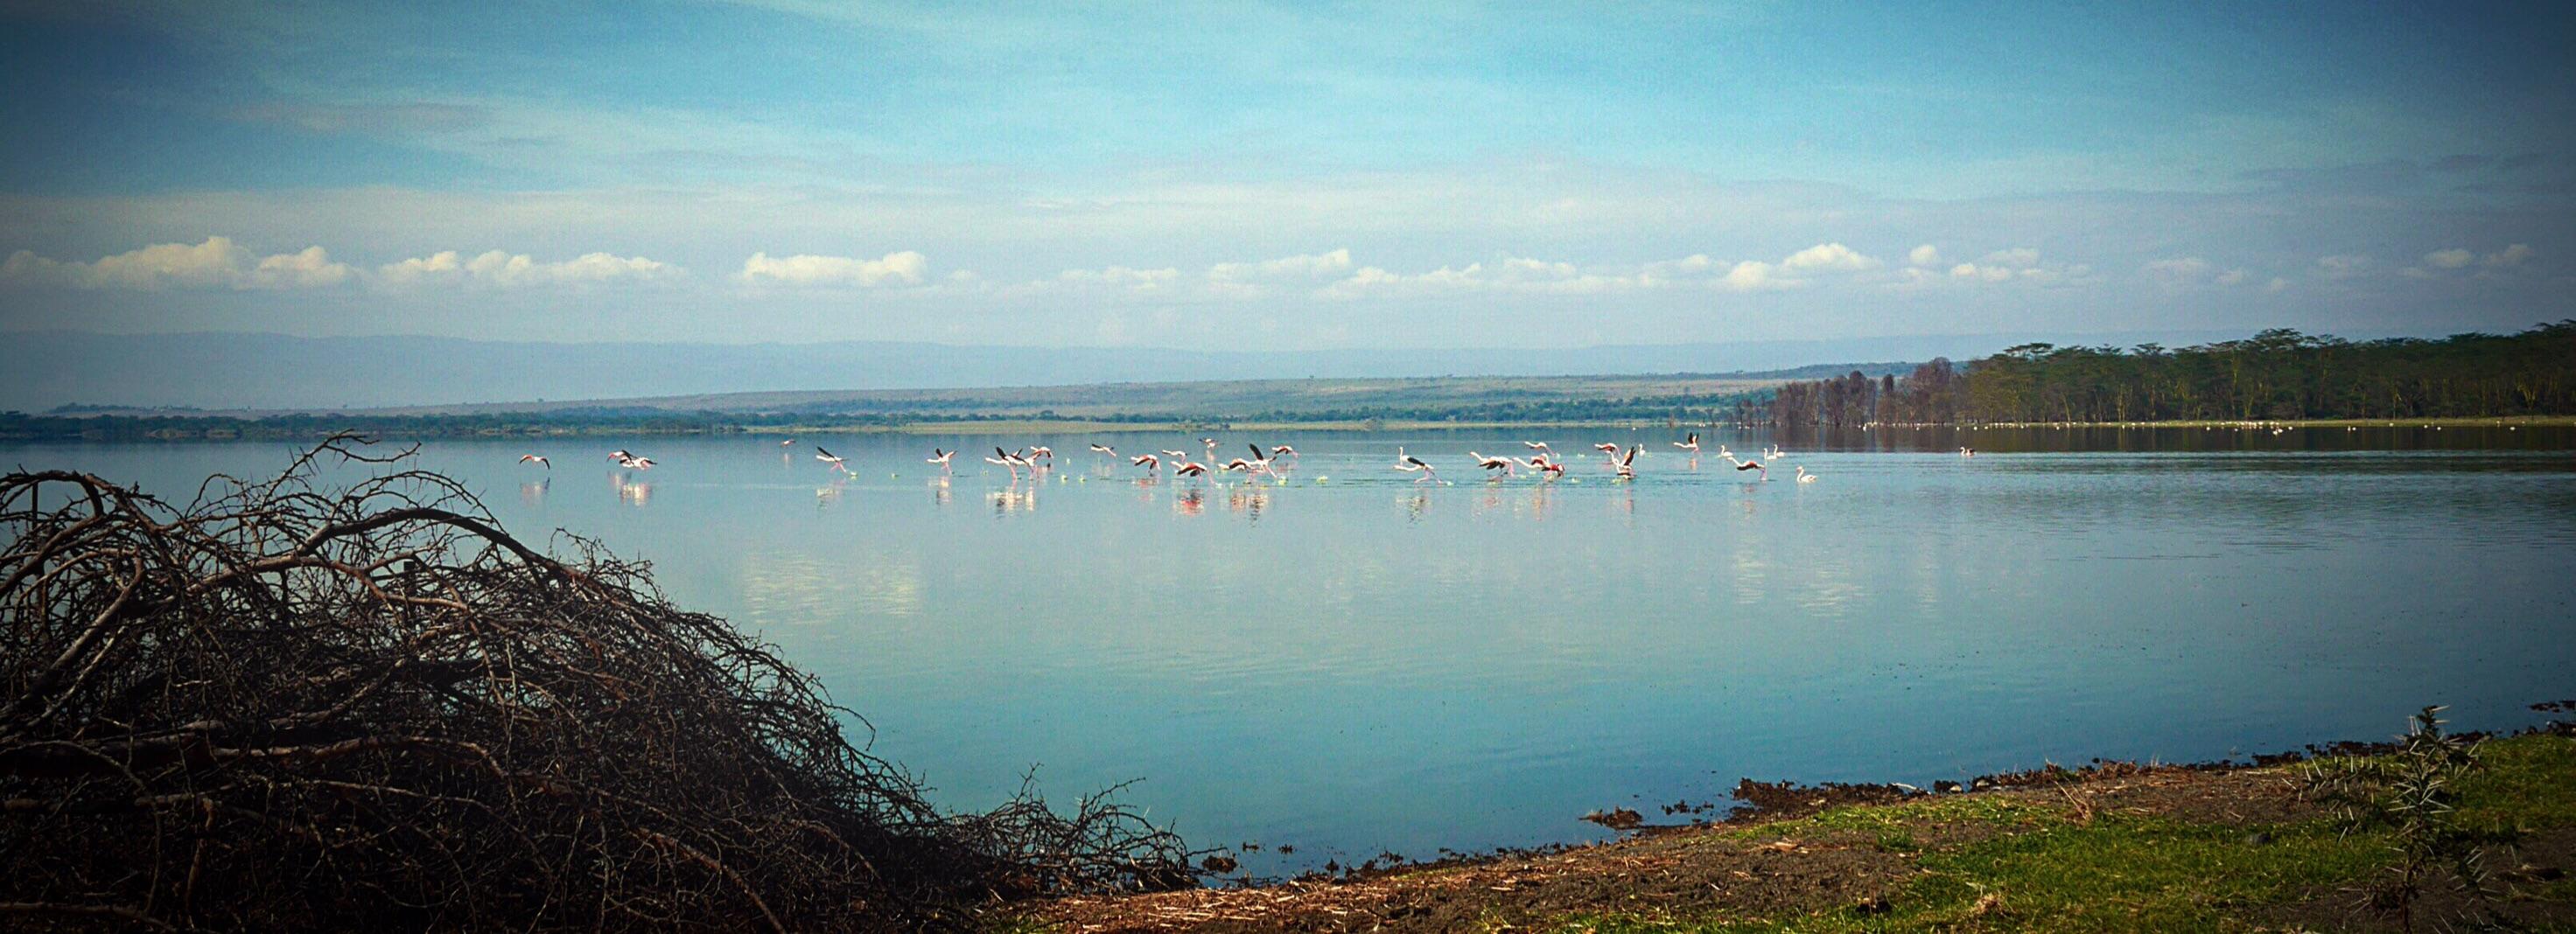 Flamingos in Flight at Lake Elmenteita Serena Lodge